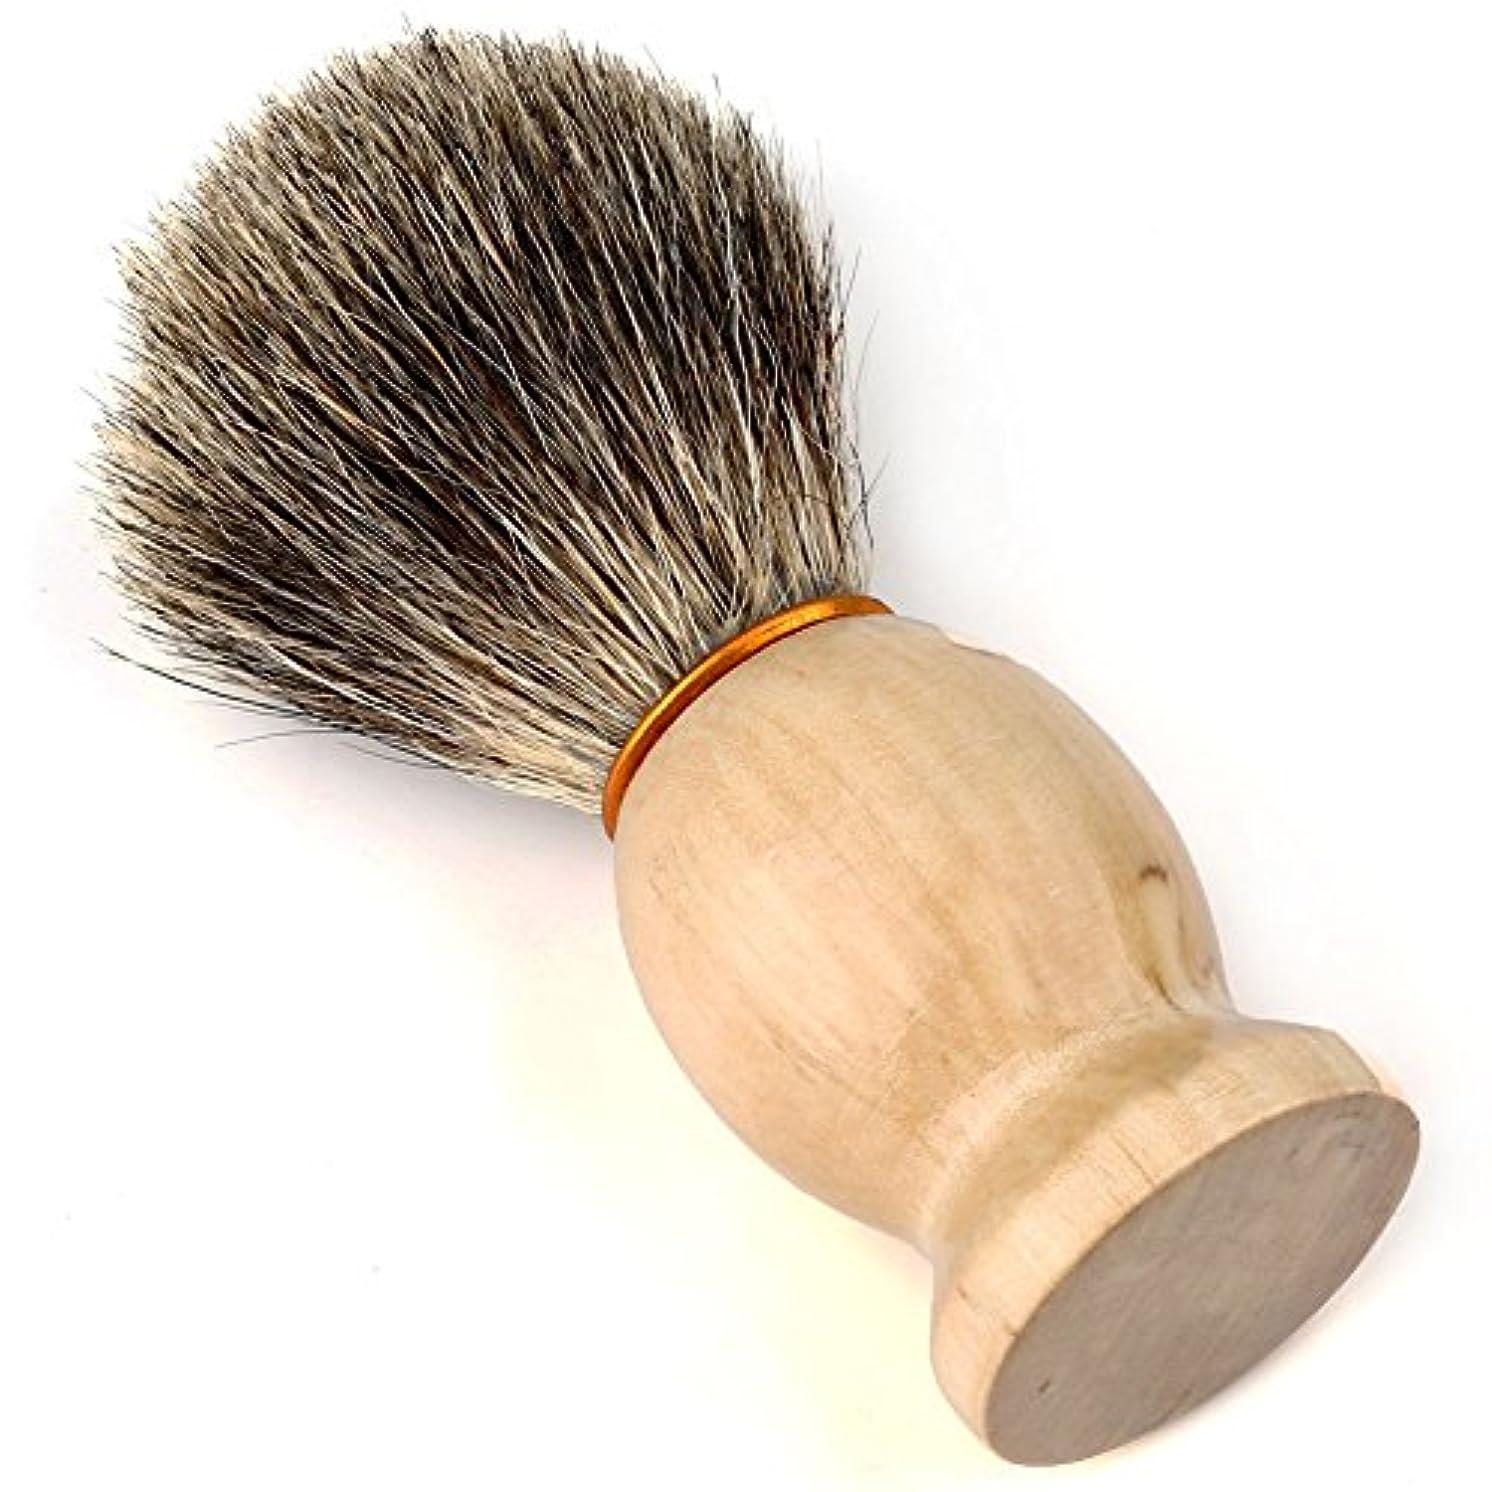 不確実ショッキングヒロインEasy Raku®ひげブラシ シェービングブラシ アナグマ毛 髭剃り 泡立ち メンズ シェービングブラシ(ブラシだけ)